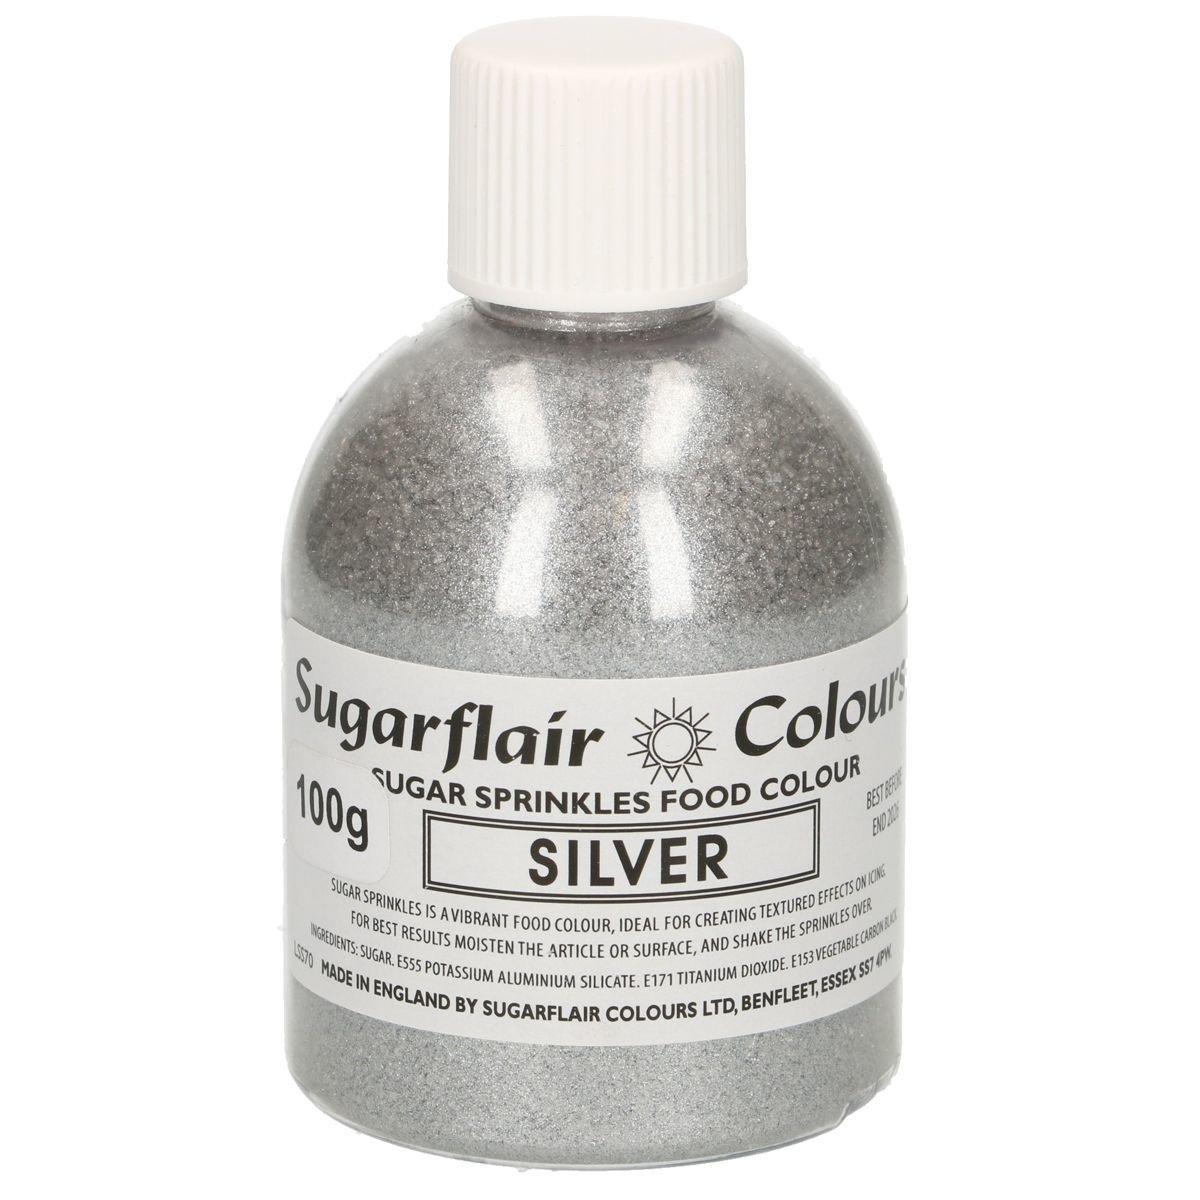 Sugarflair -Sparkling Sugar Sprinkles -SILVER 100g ΖΑΧΑΡΗ -ΑΣΗΜΙ